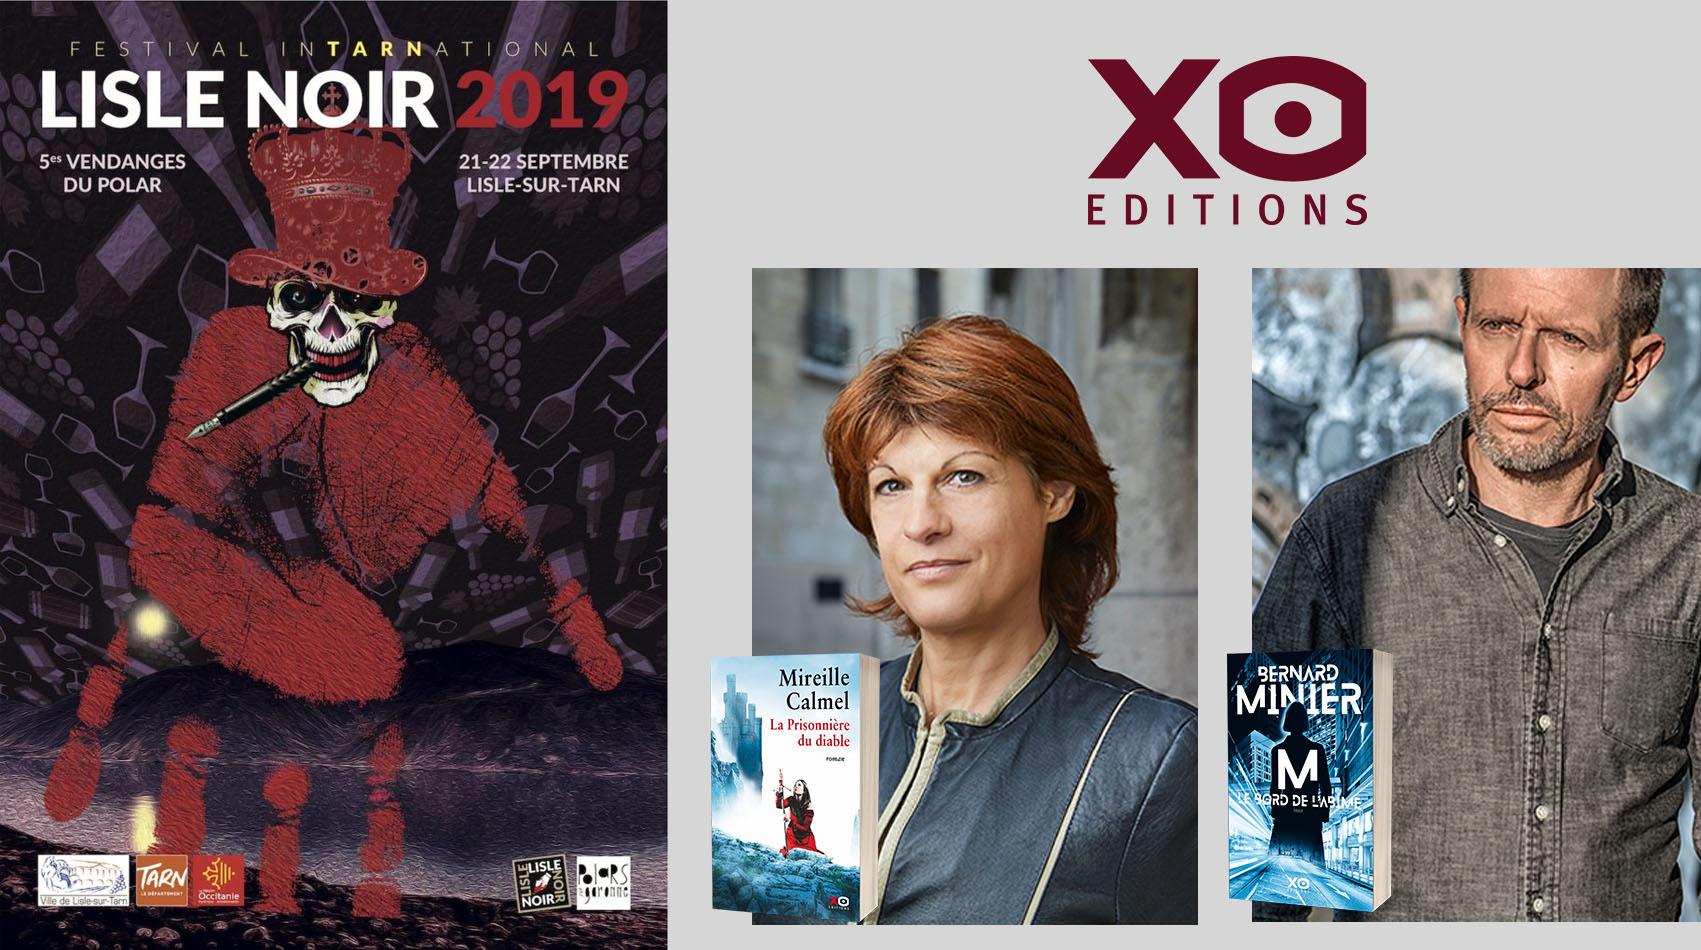 Les auteurs XO à Lisle Noir 2019 !